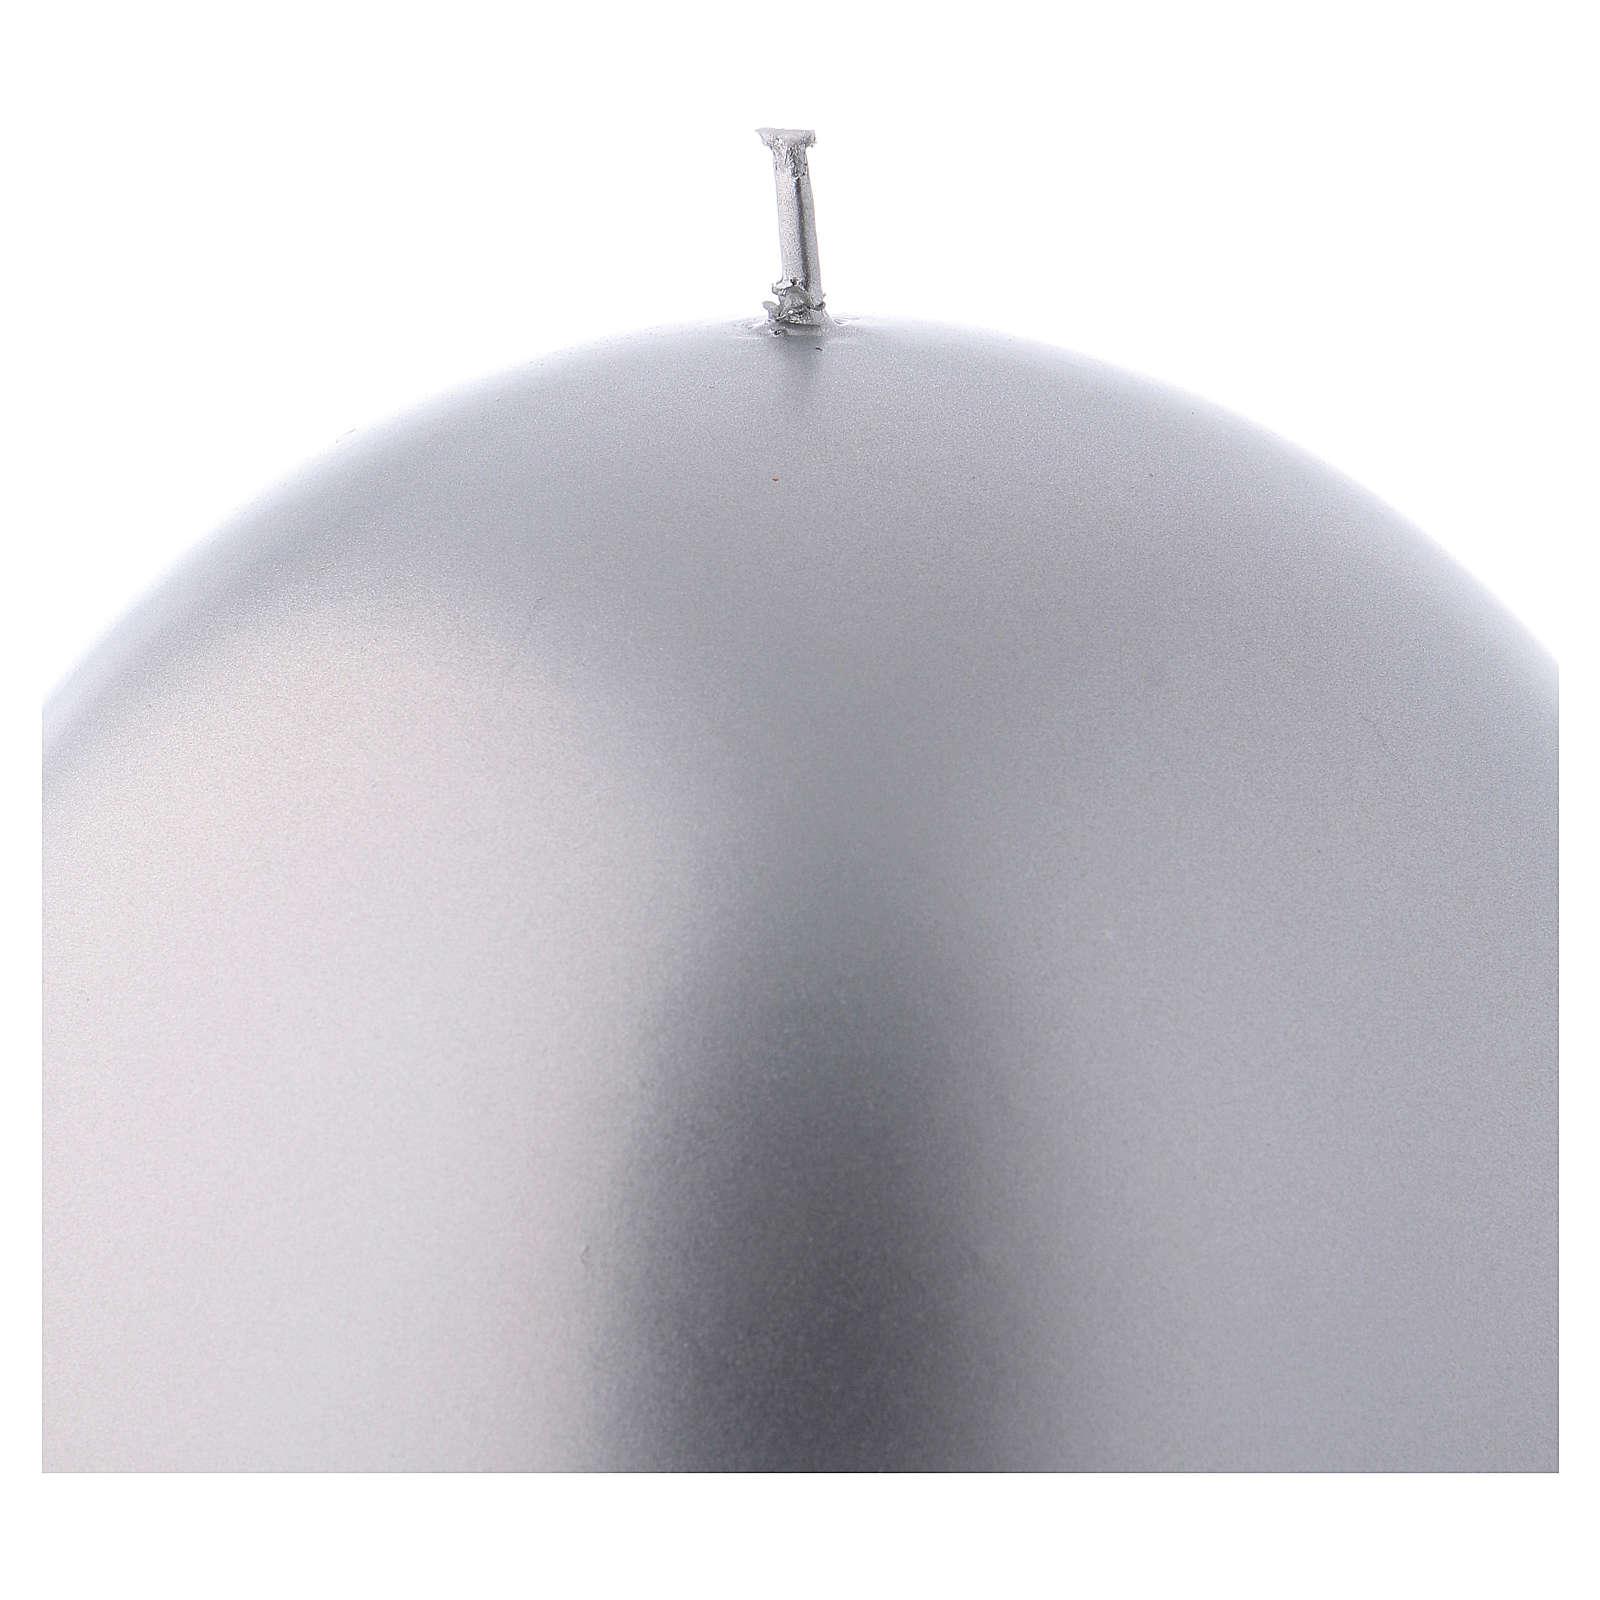 Bougie Noël sphère Ceralacca métal diam. 12 cm argent 3